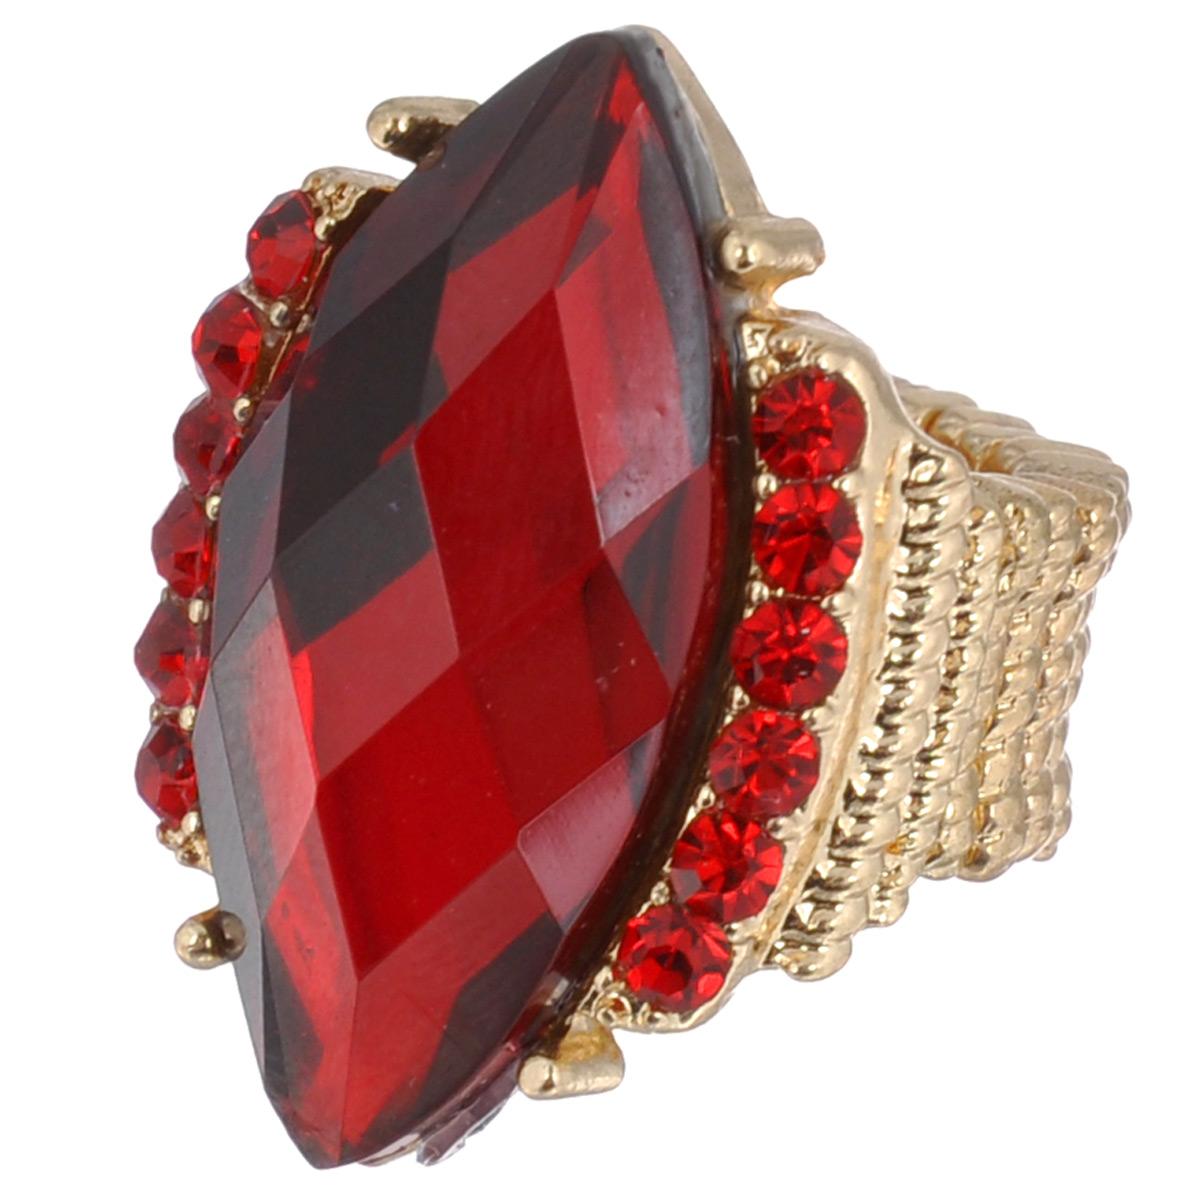 Кольцо Avgad, цвет: золотистый, красный. EA178JW175EA178JW175Оригинальное кольцо Avgad, выполненное из ювелирного сплава золотистого цвета, декорировано камнем и стразами. Элементы кольца соединены с помощью тонкой резинки, благодаря этому оно легко одевается и снимается. Размер универсальный. Кольцо позволит вам с легкостью воплотить самую смелую фантазию и создать собственный, неповторимый образ.